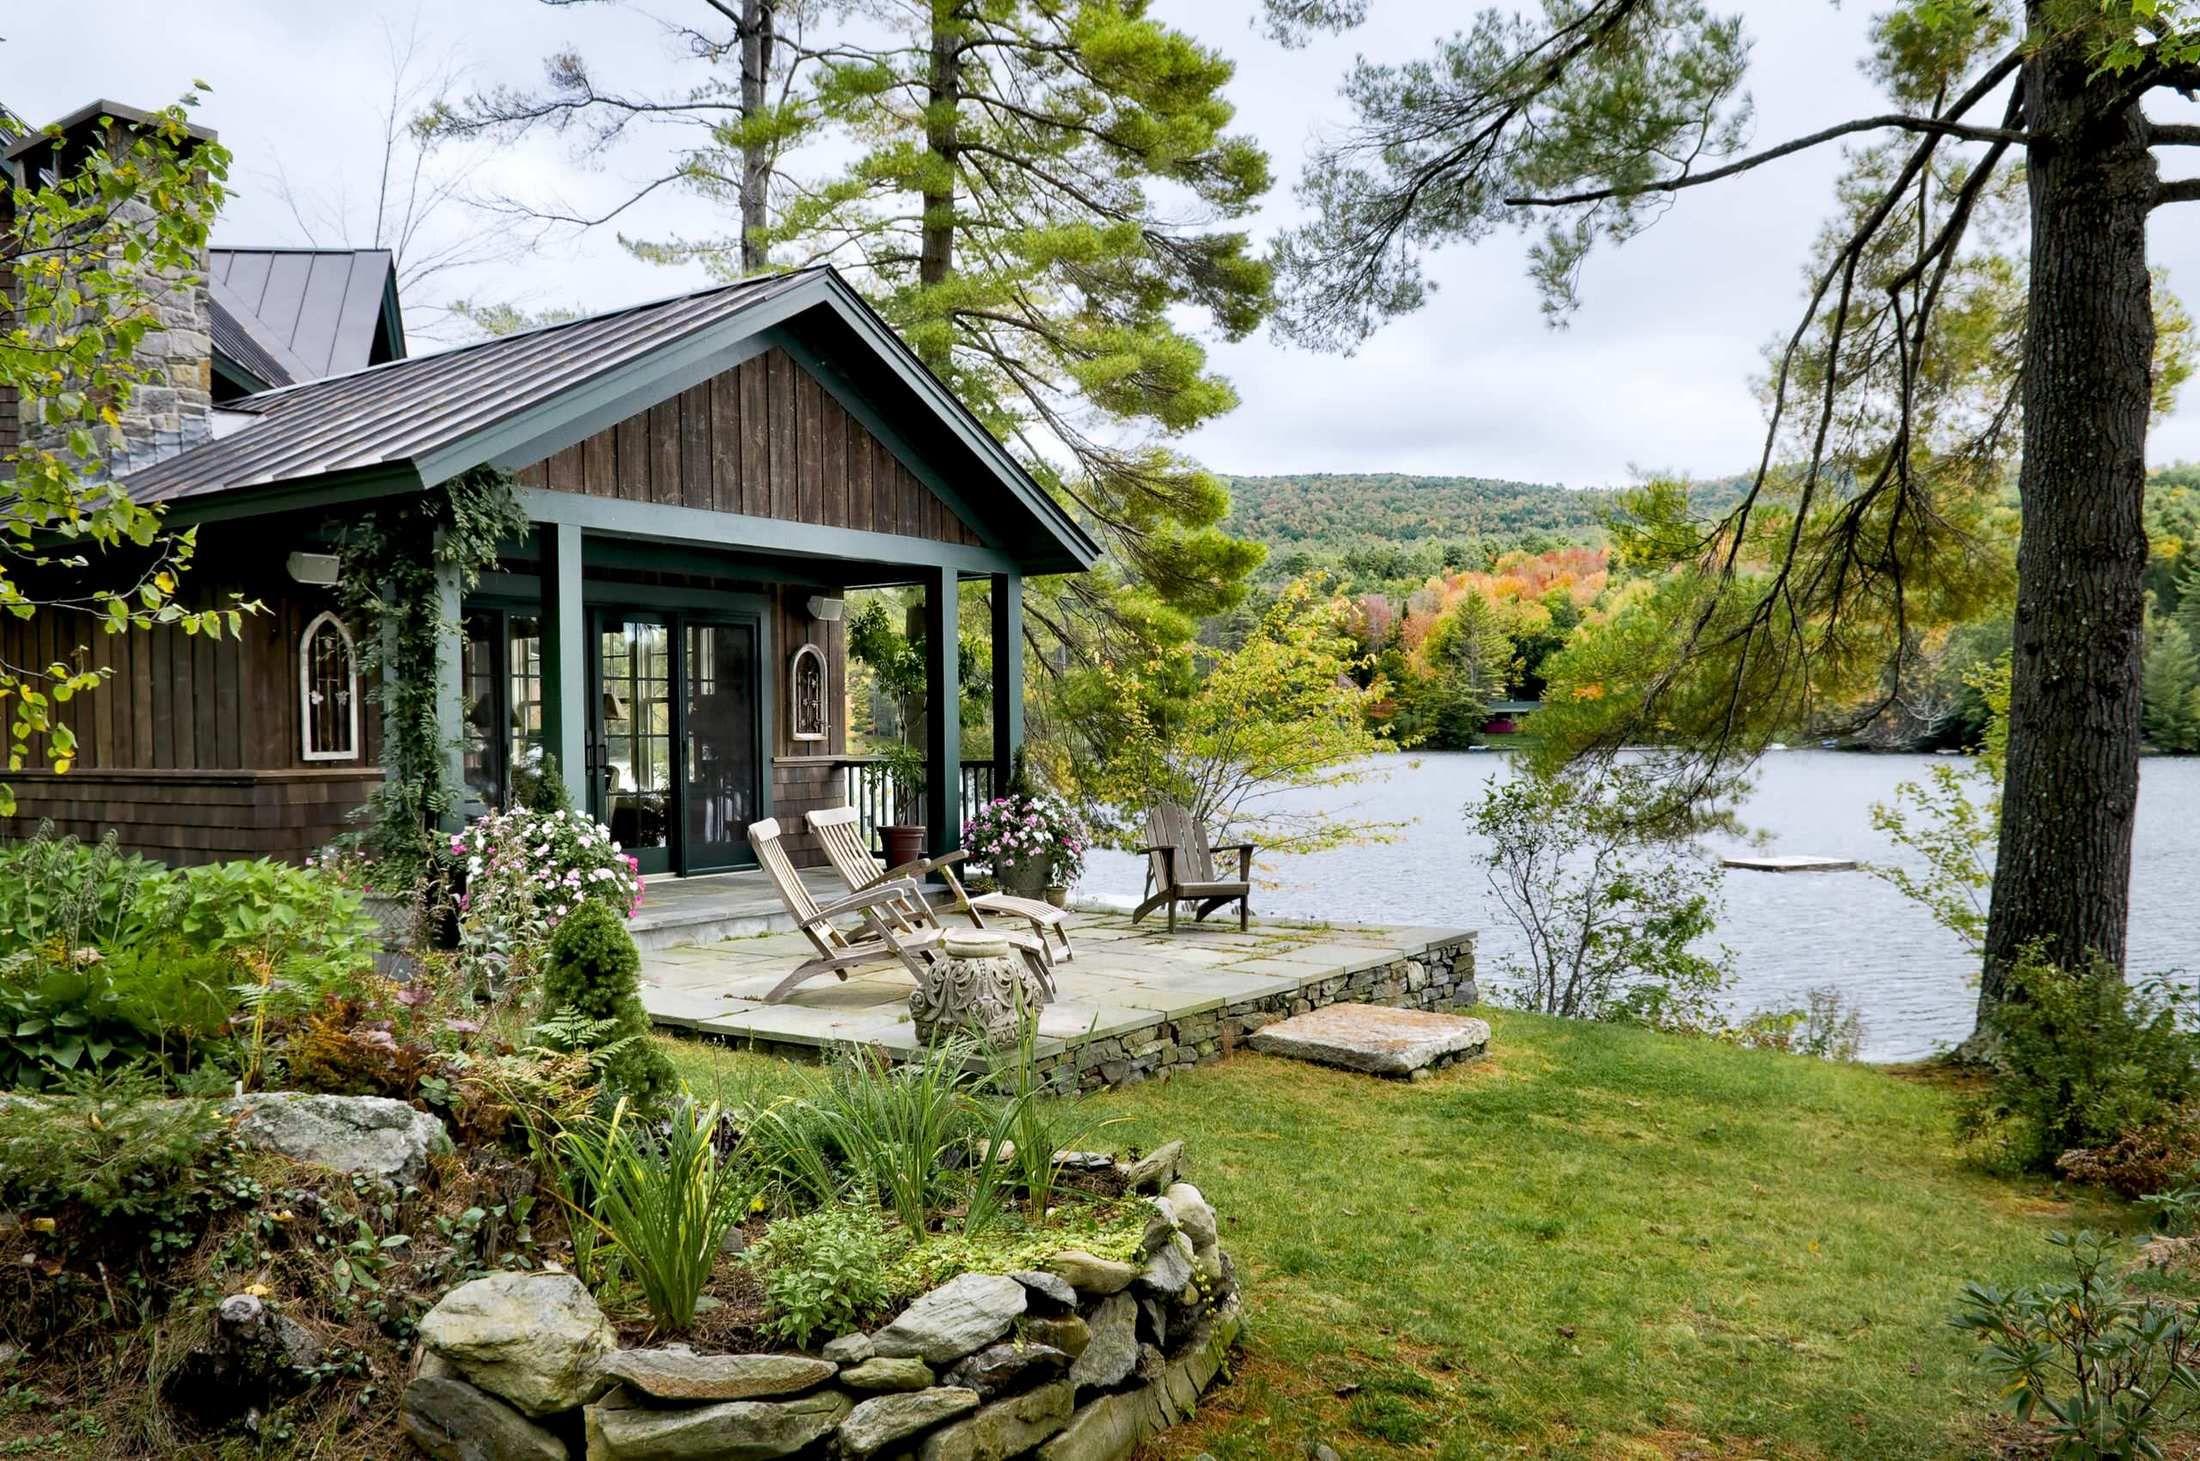 внимание красивые дома у озера фото параметры